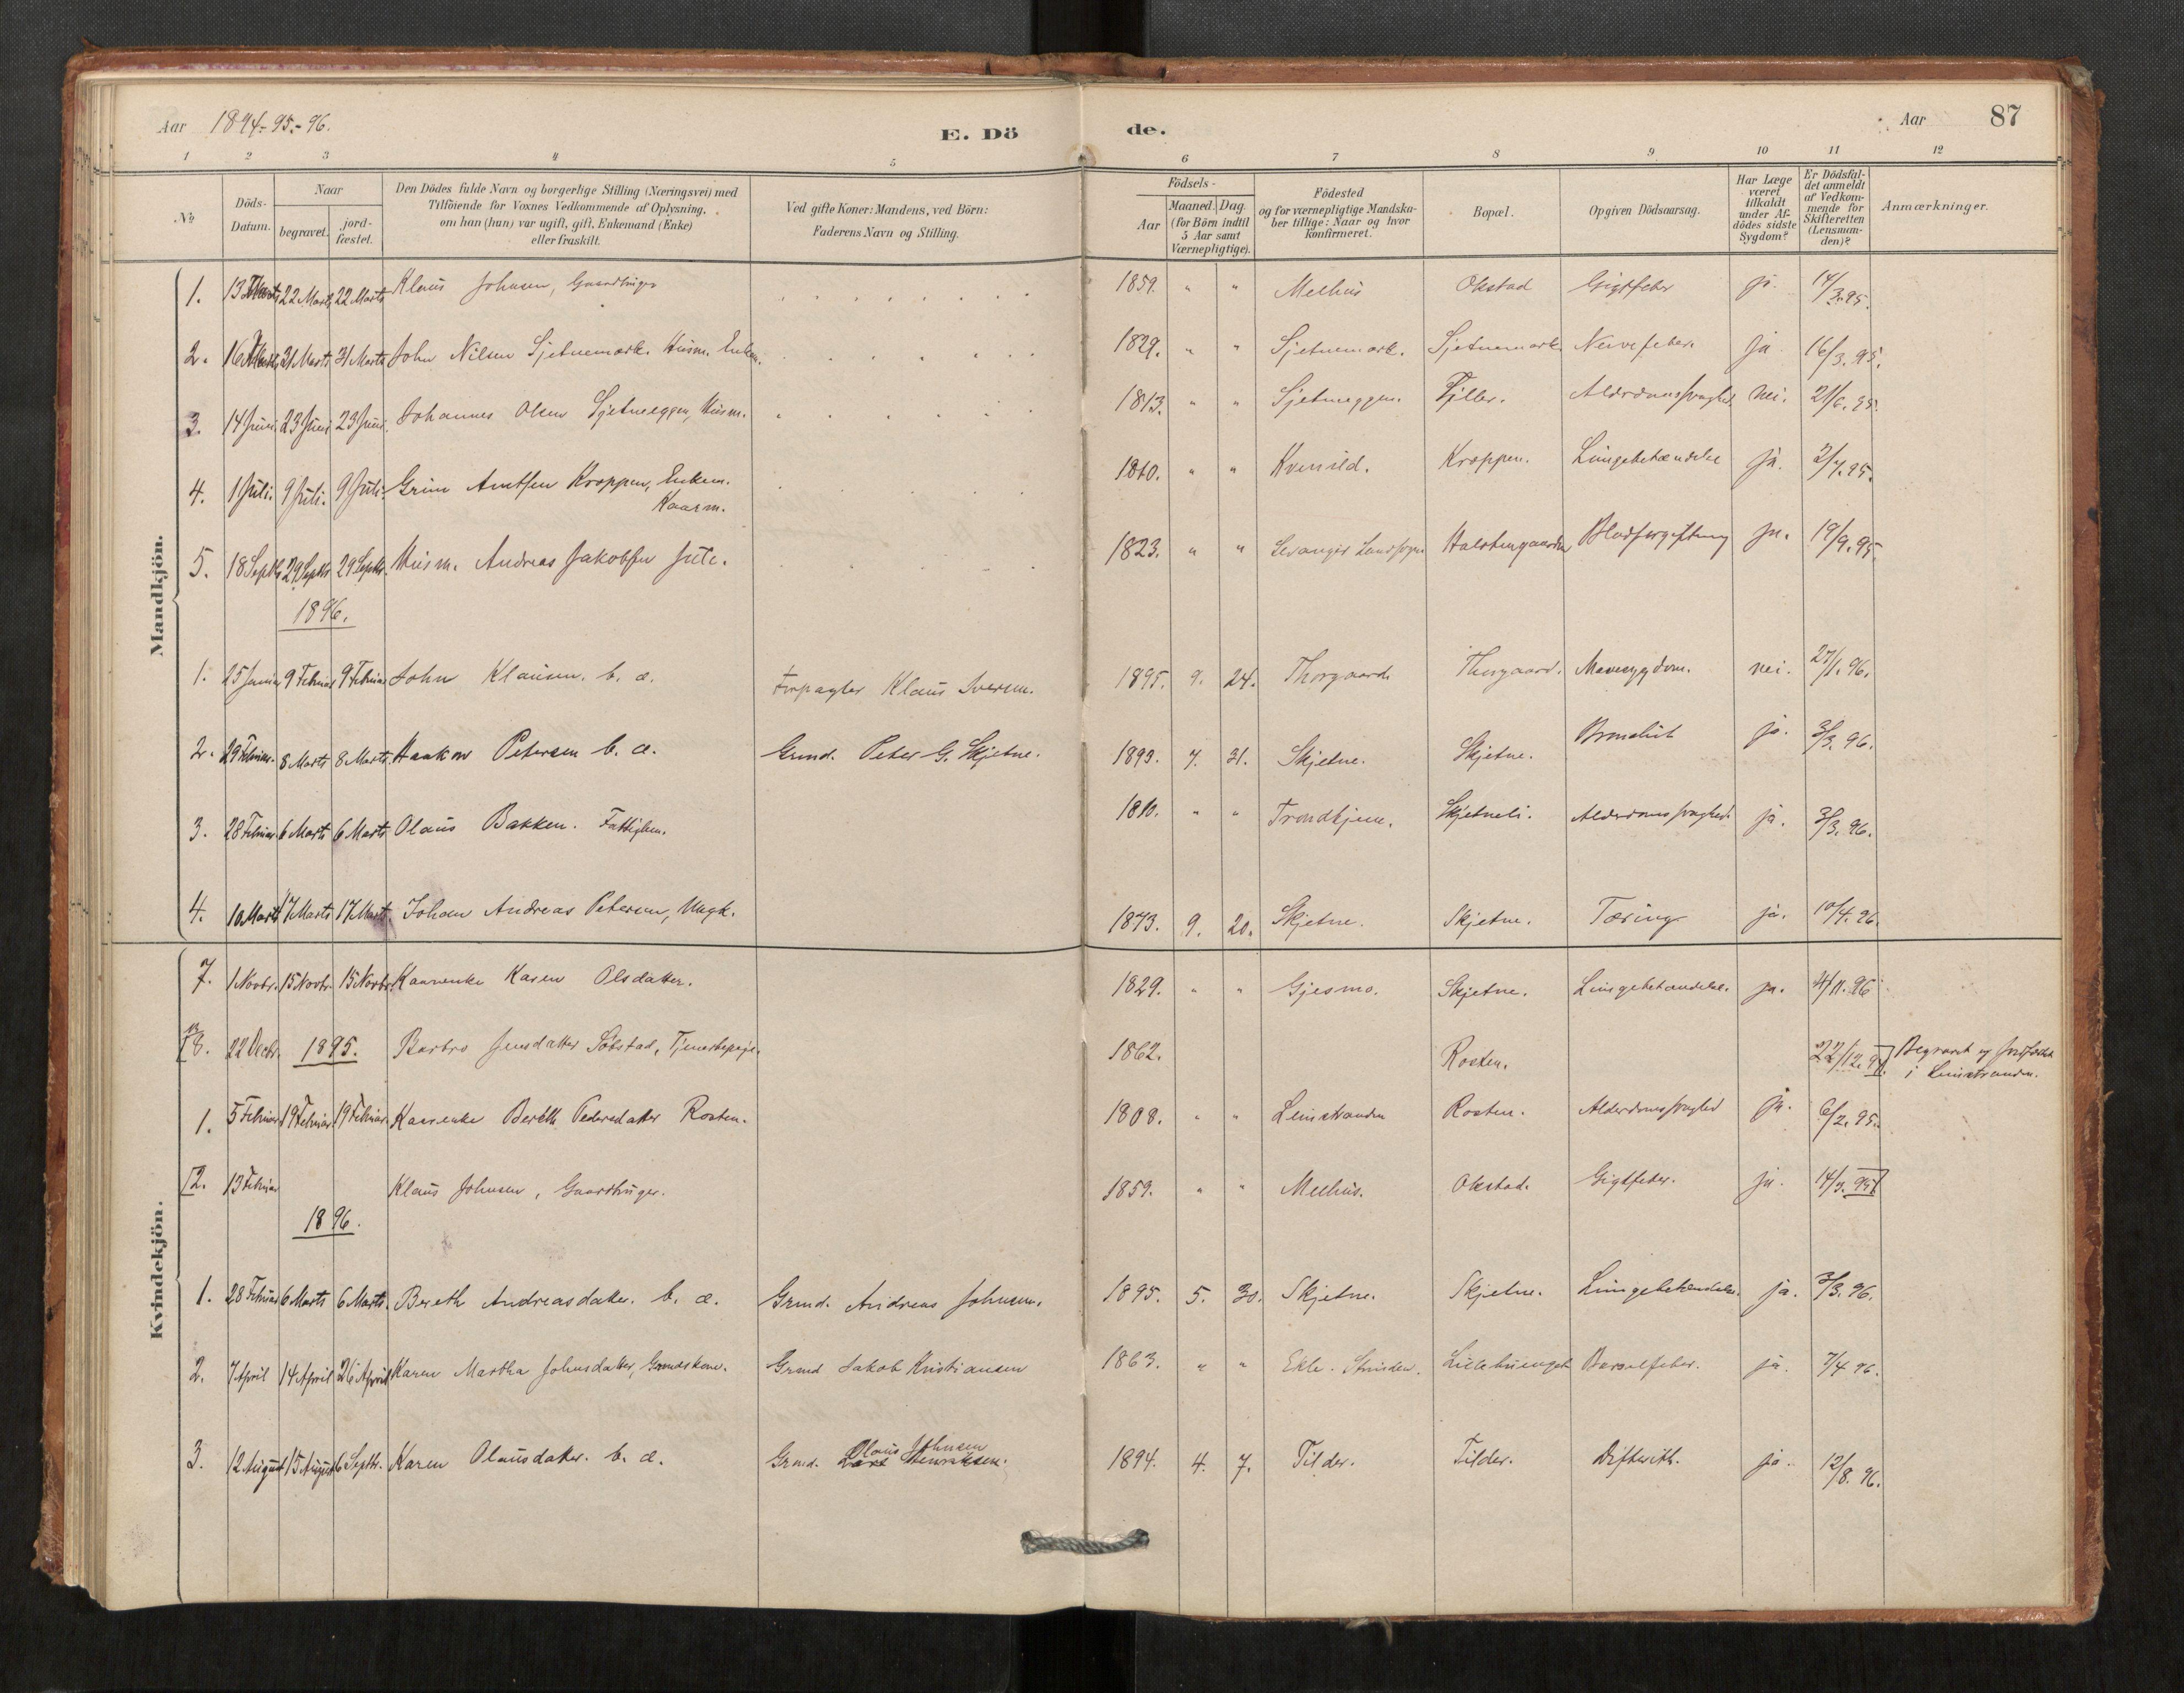 SAT, Klæbu sokneprestkontor, Parish register (official) no. 1, 1880-1900, p. 87